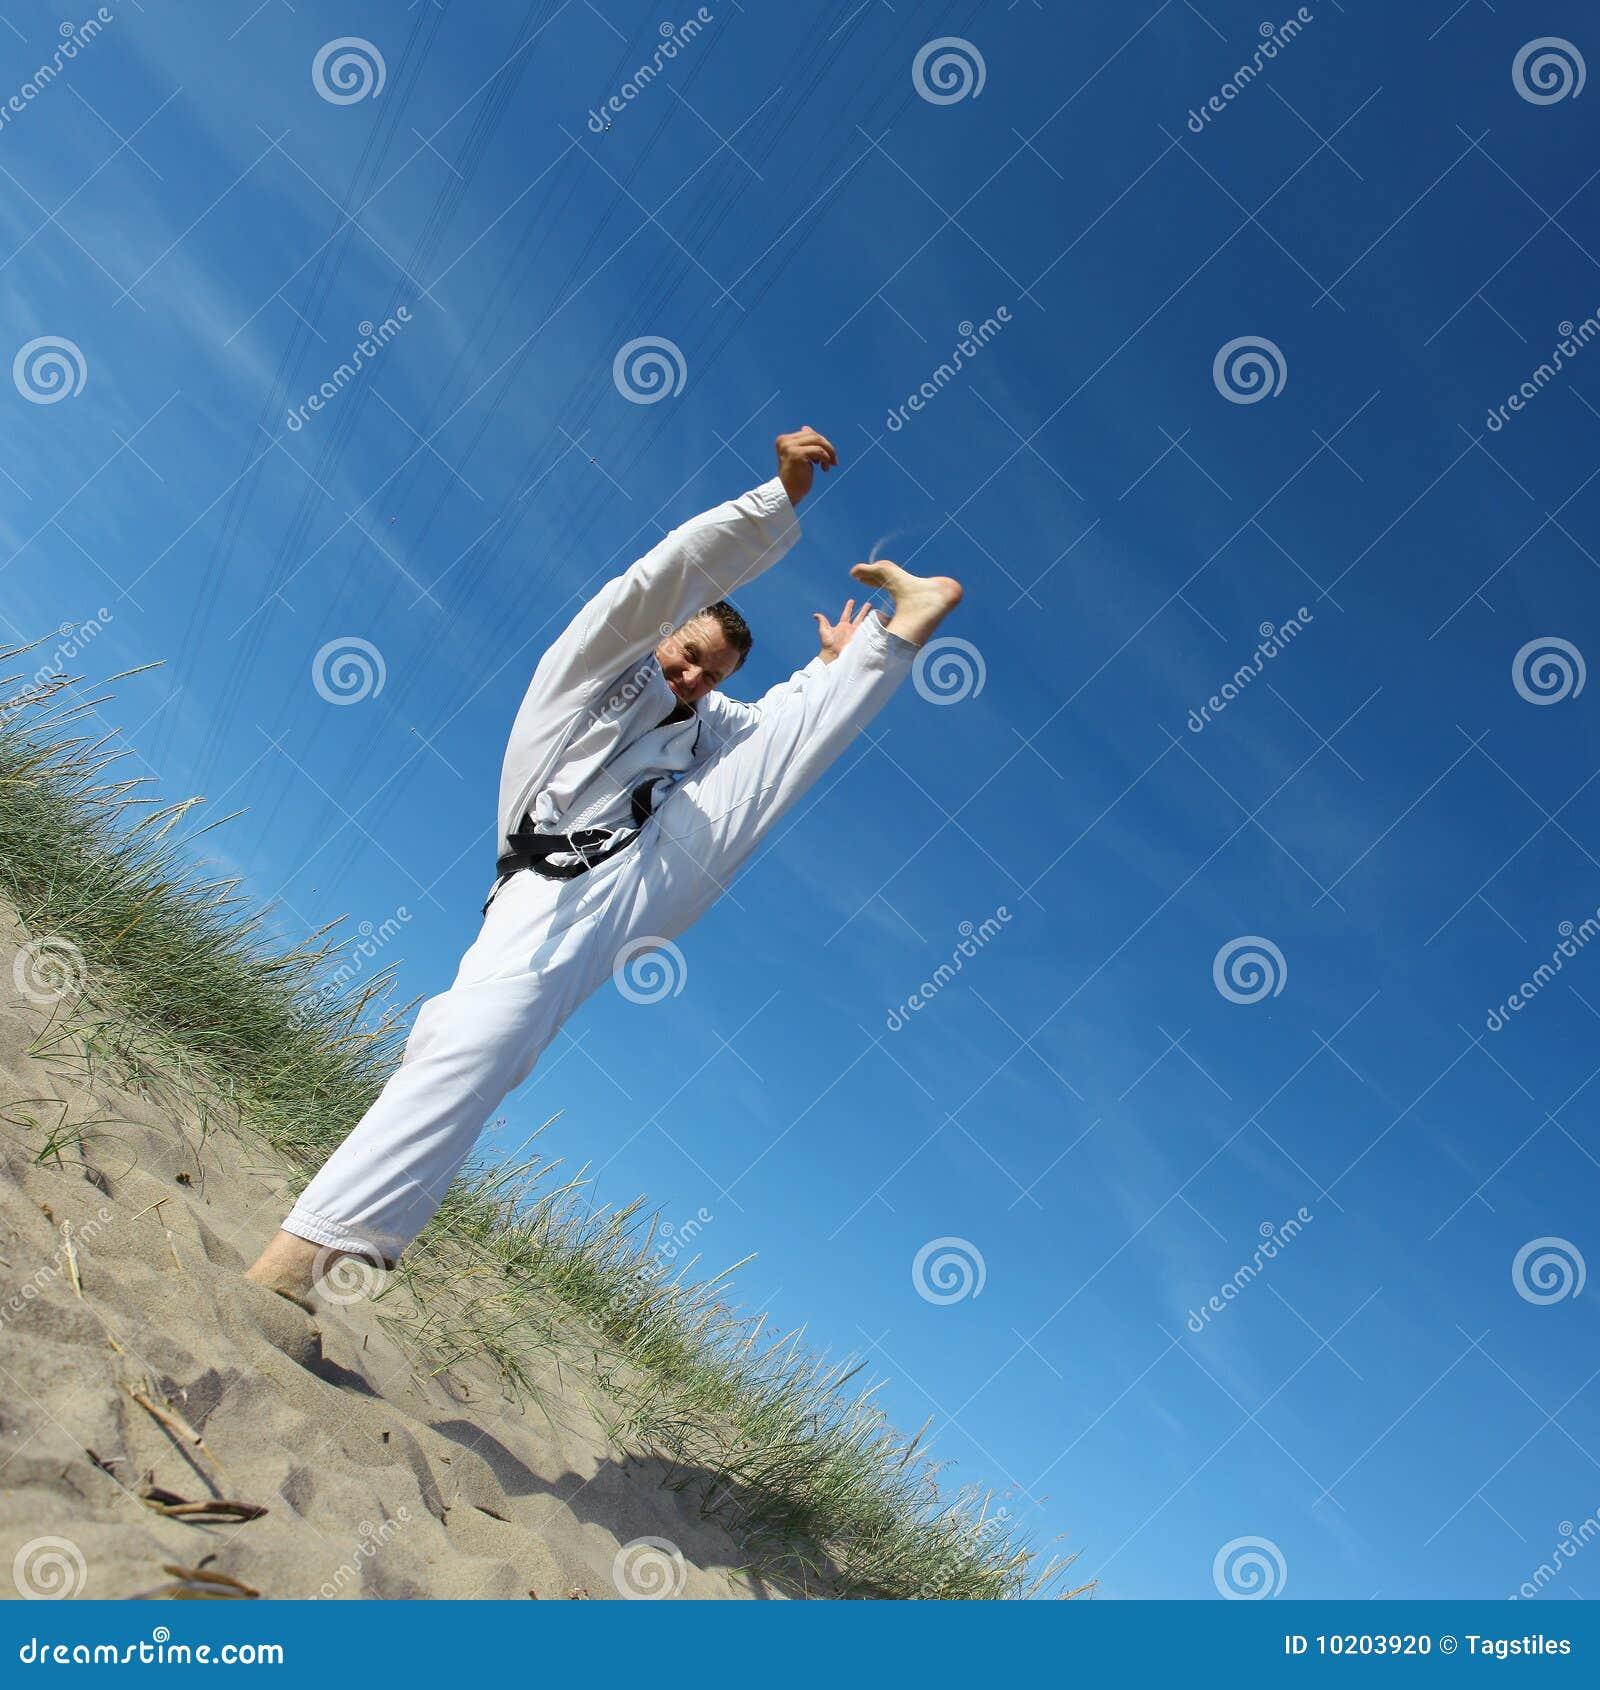 Download Judo stockfoto. Bild von künstler, aktiv, verteidigung - 10203920